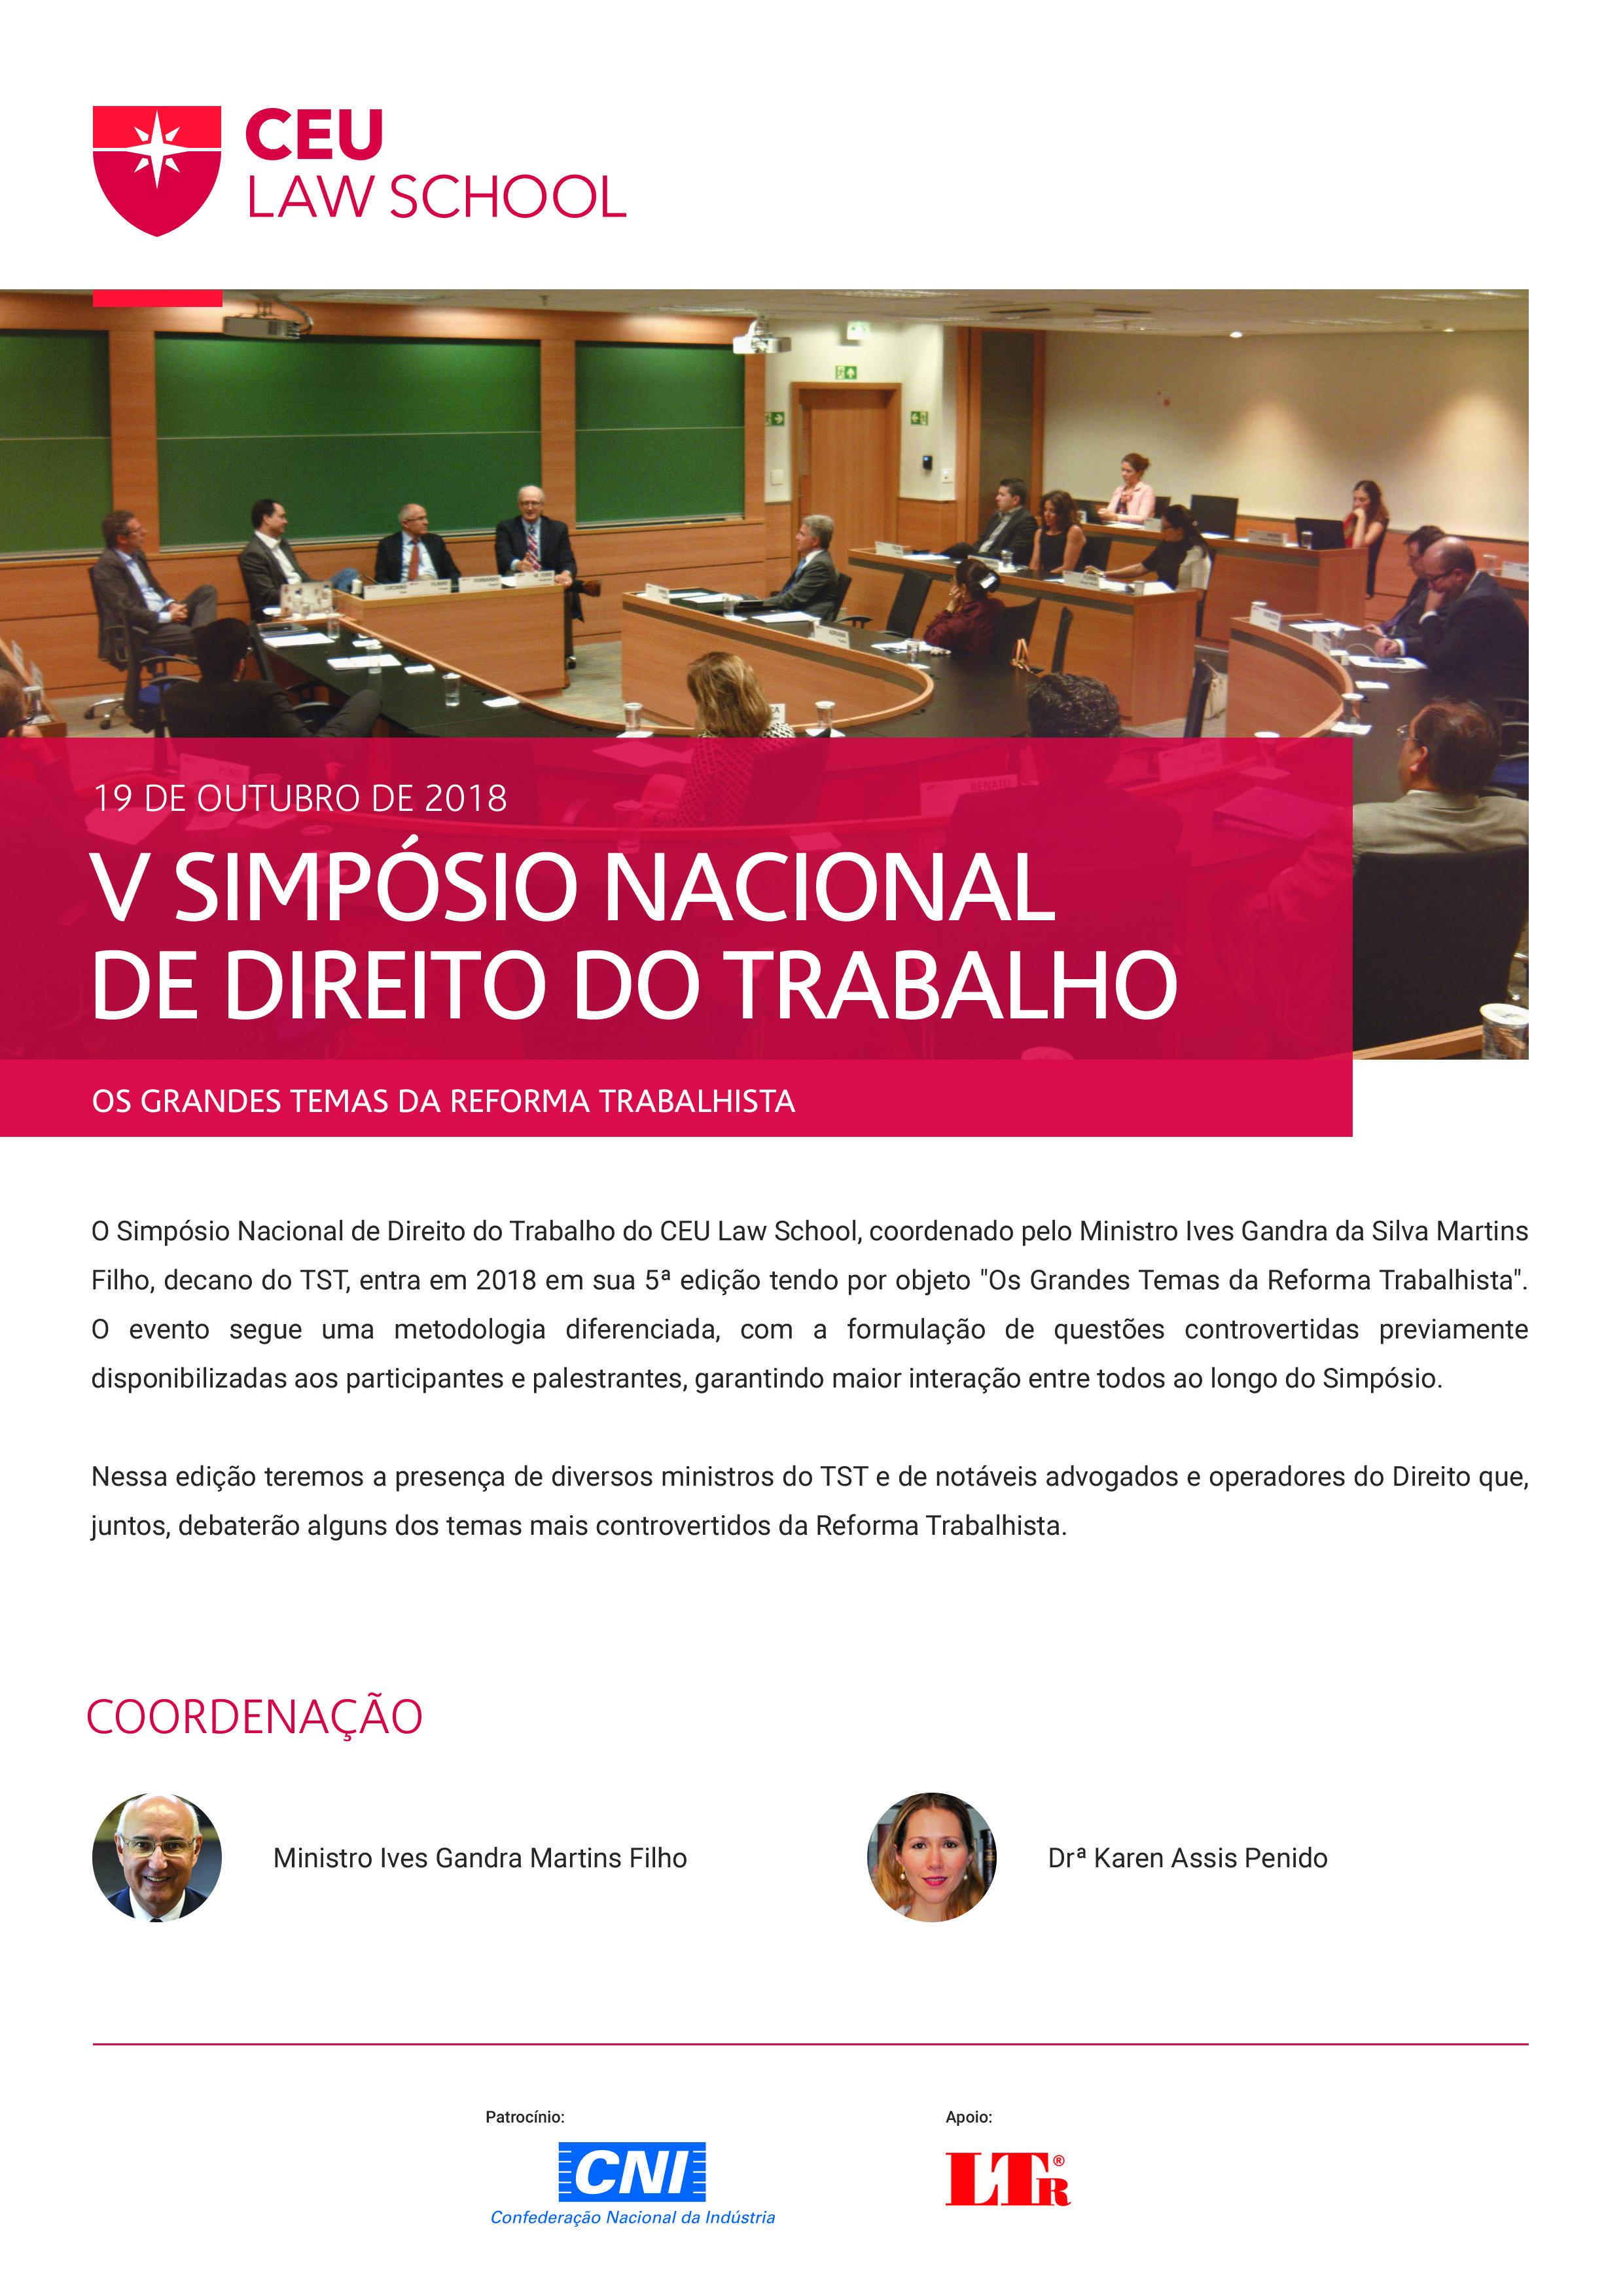 A_V Simposio Direito Trabalho CEU Law_Page_1